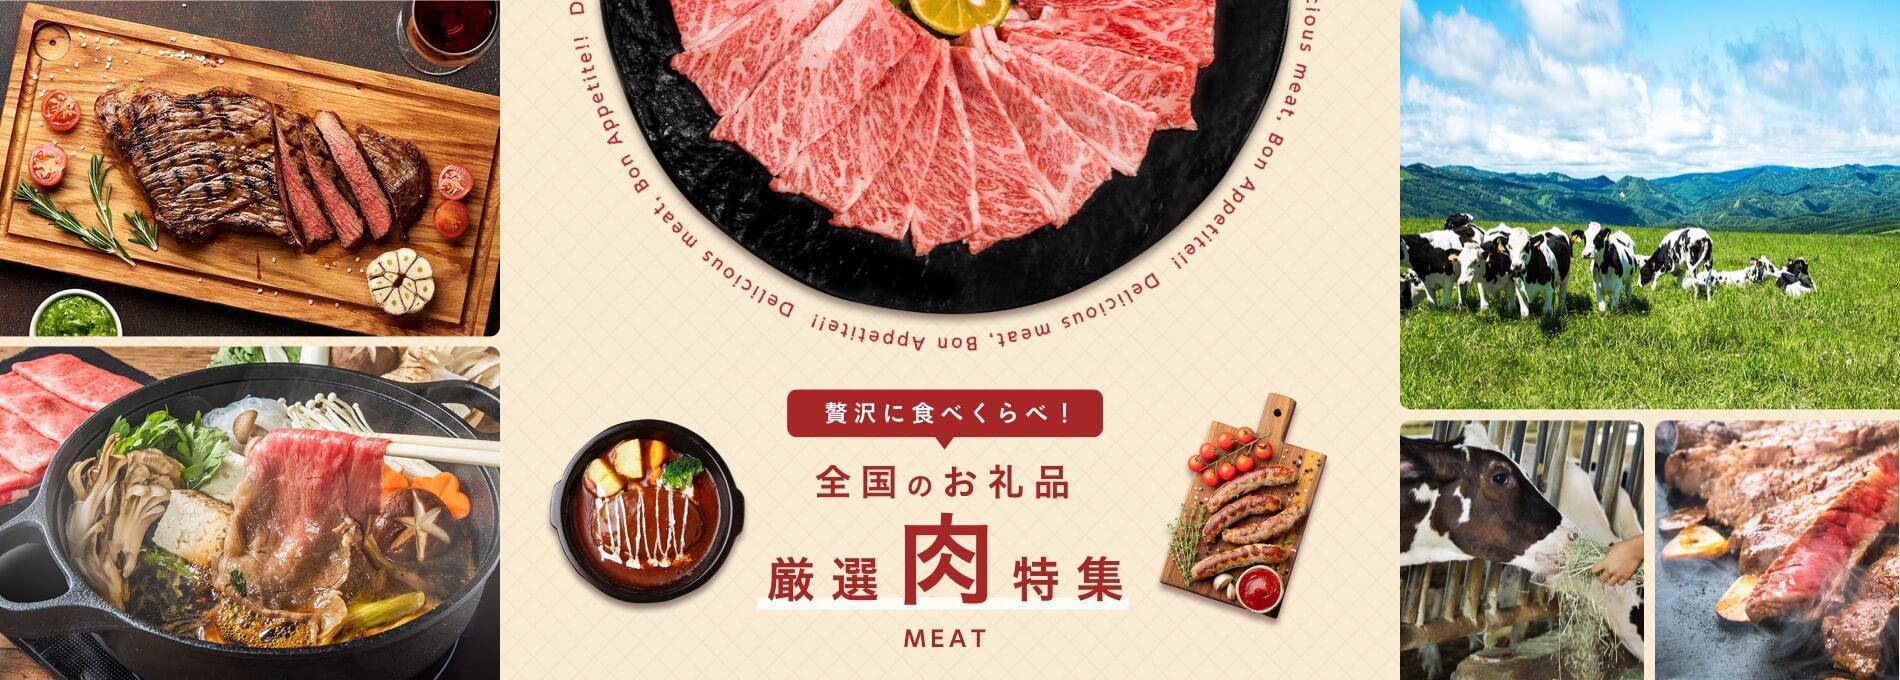 おすすめお礼品カテゴリ MEAT 肉 人気の牛肉、豚肉、鶏肉から、馬肉、羊肉、ラム肉など、様々な種類のお肉のお礼品を取り揃えております。 詳しくはこちら